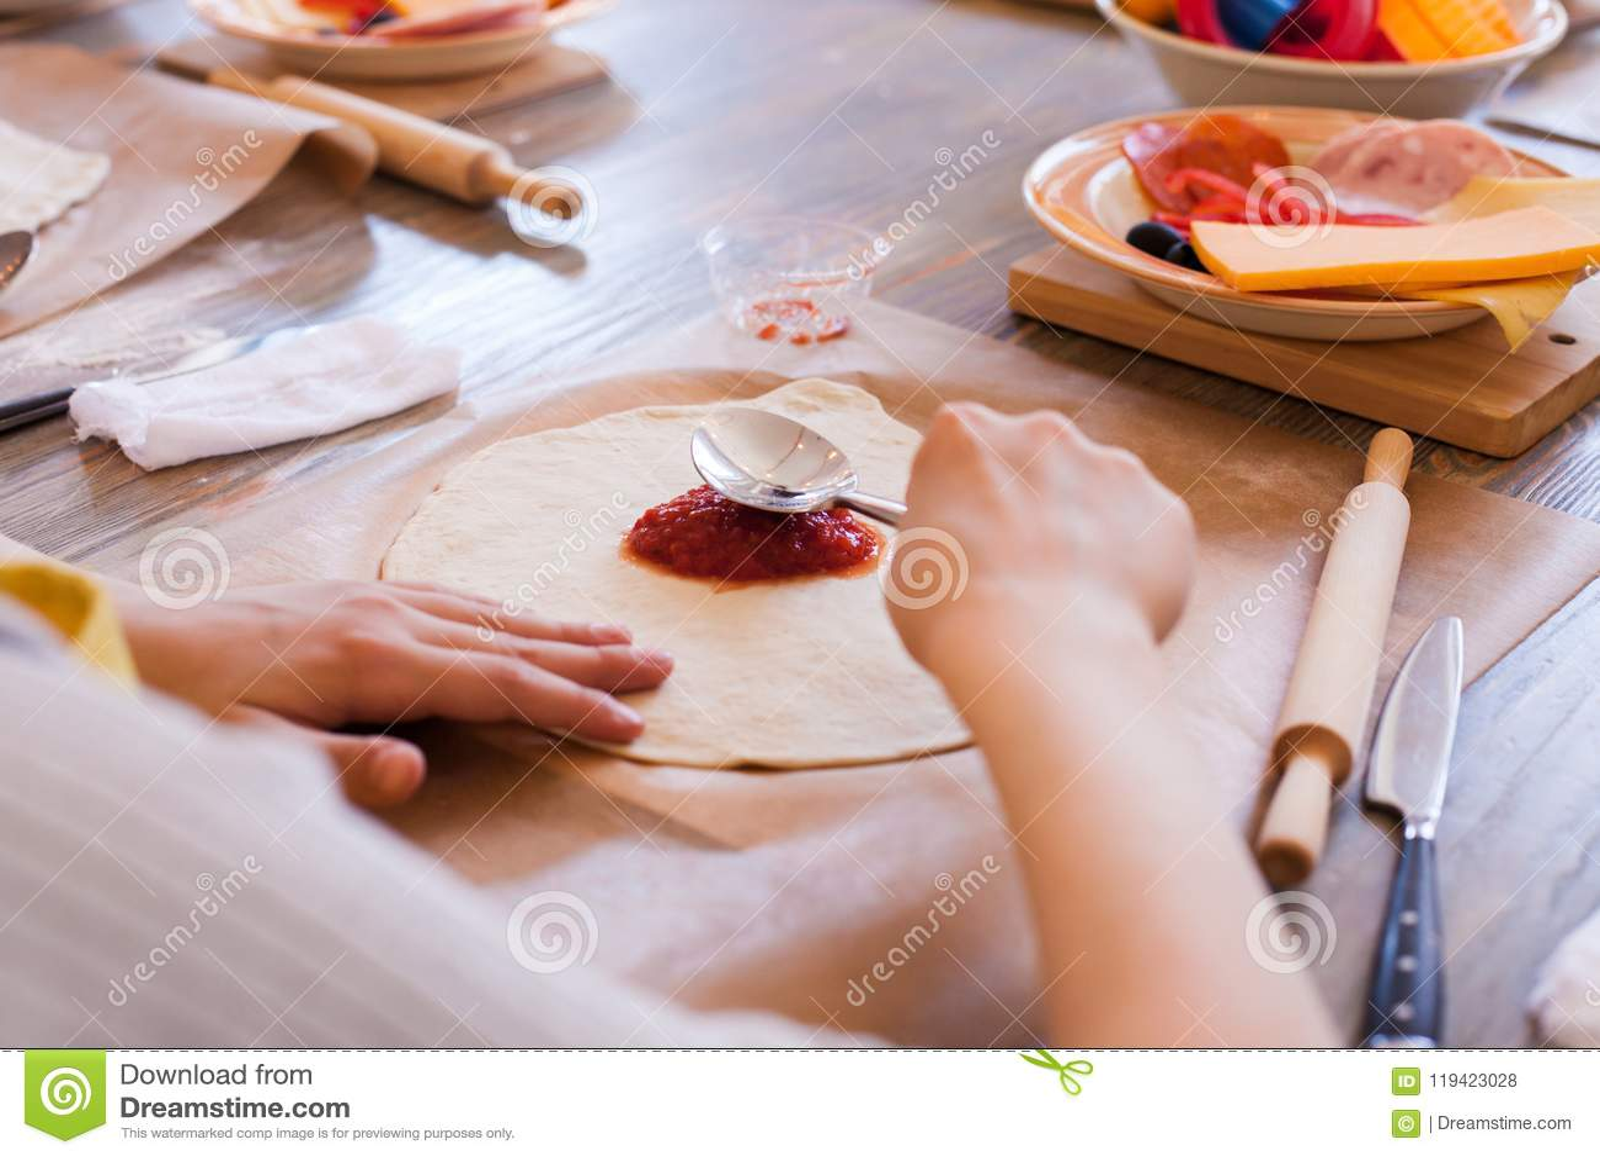 Kokende culinaire klasse, voedsel en mensenconcept, Desktop die klaar voor het werk, ingrediënten voor Italiaanse pizza worden Jo